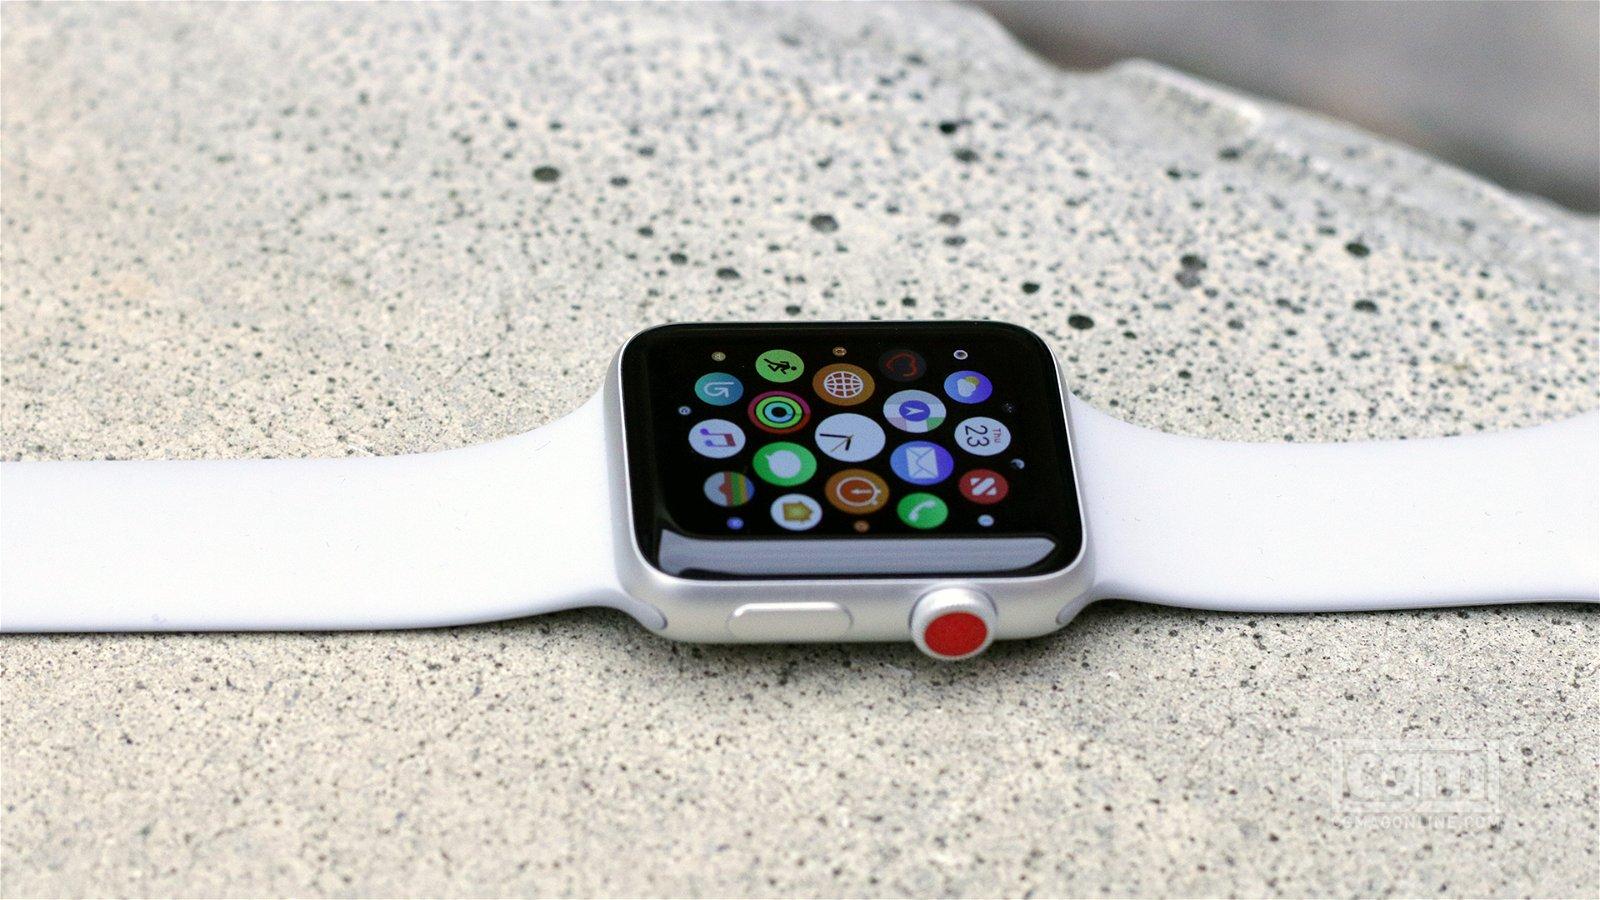 Apple Watch Series 3 Review: The Best Got Better